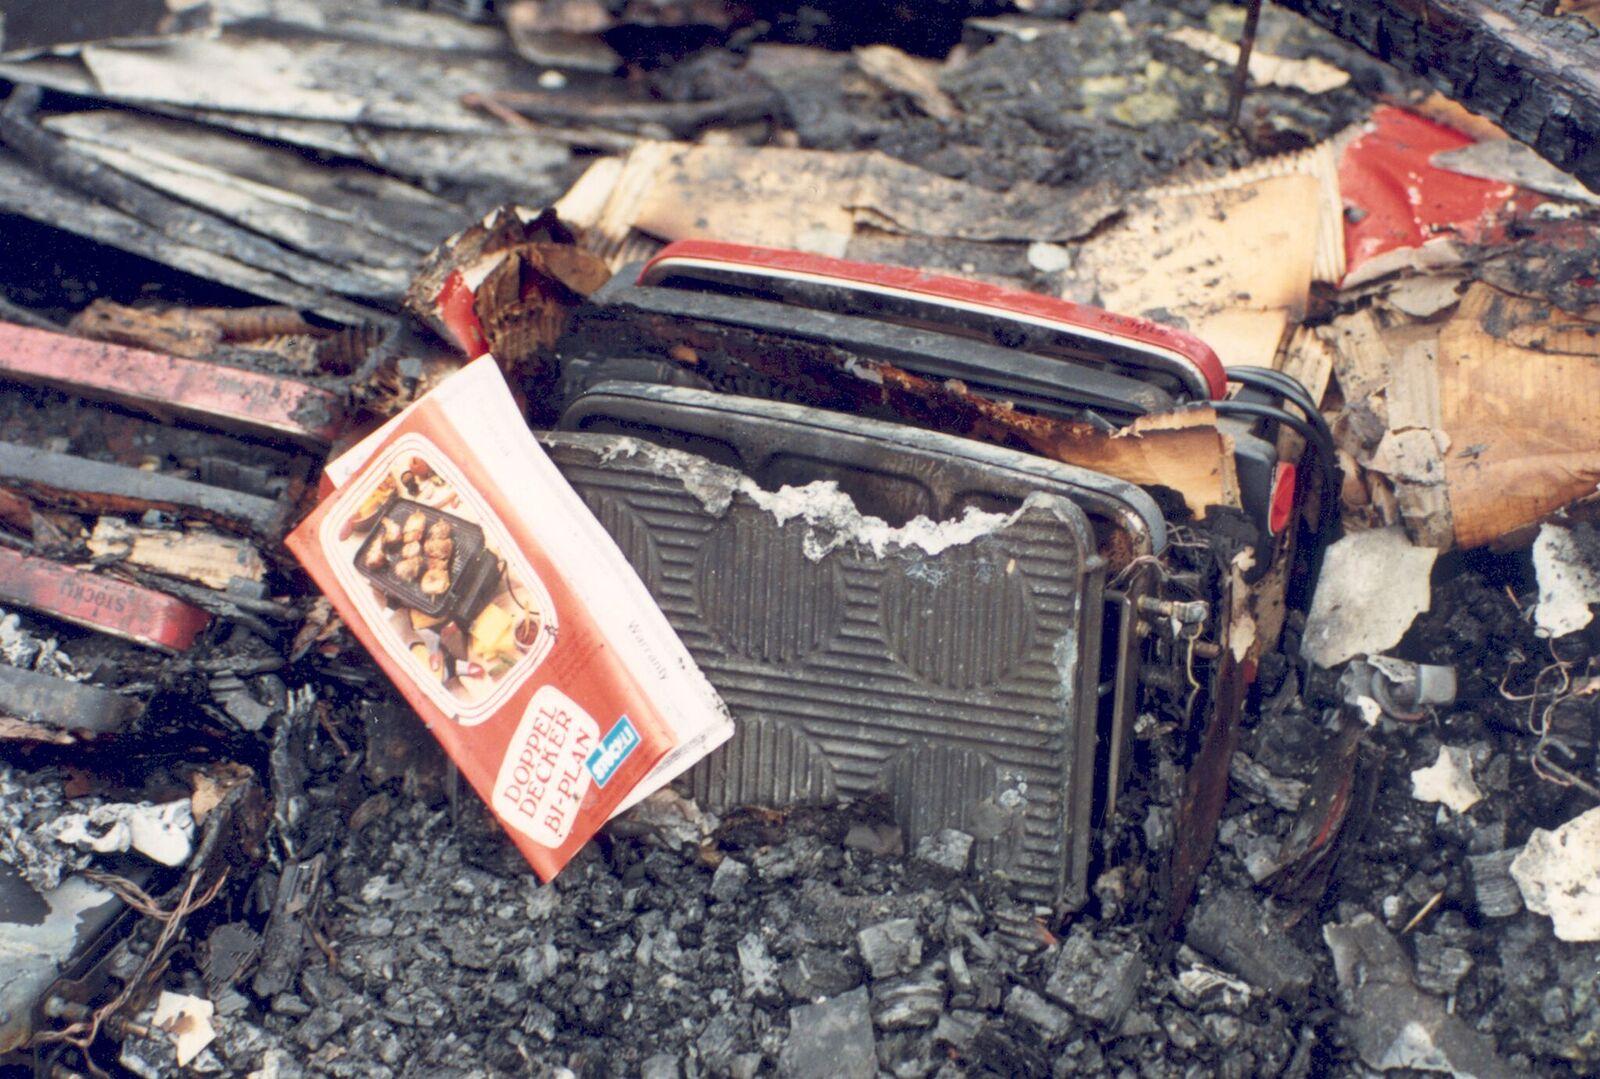 Auch dieser Tischgrill wurde ein Opfer der Flammen.